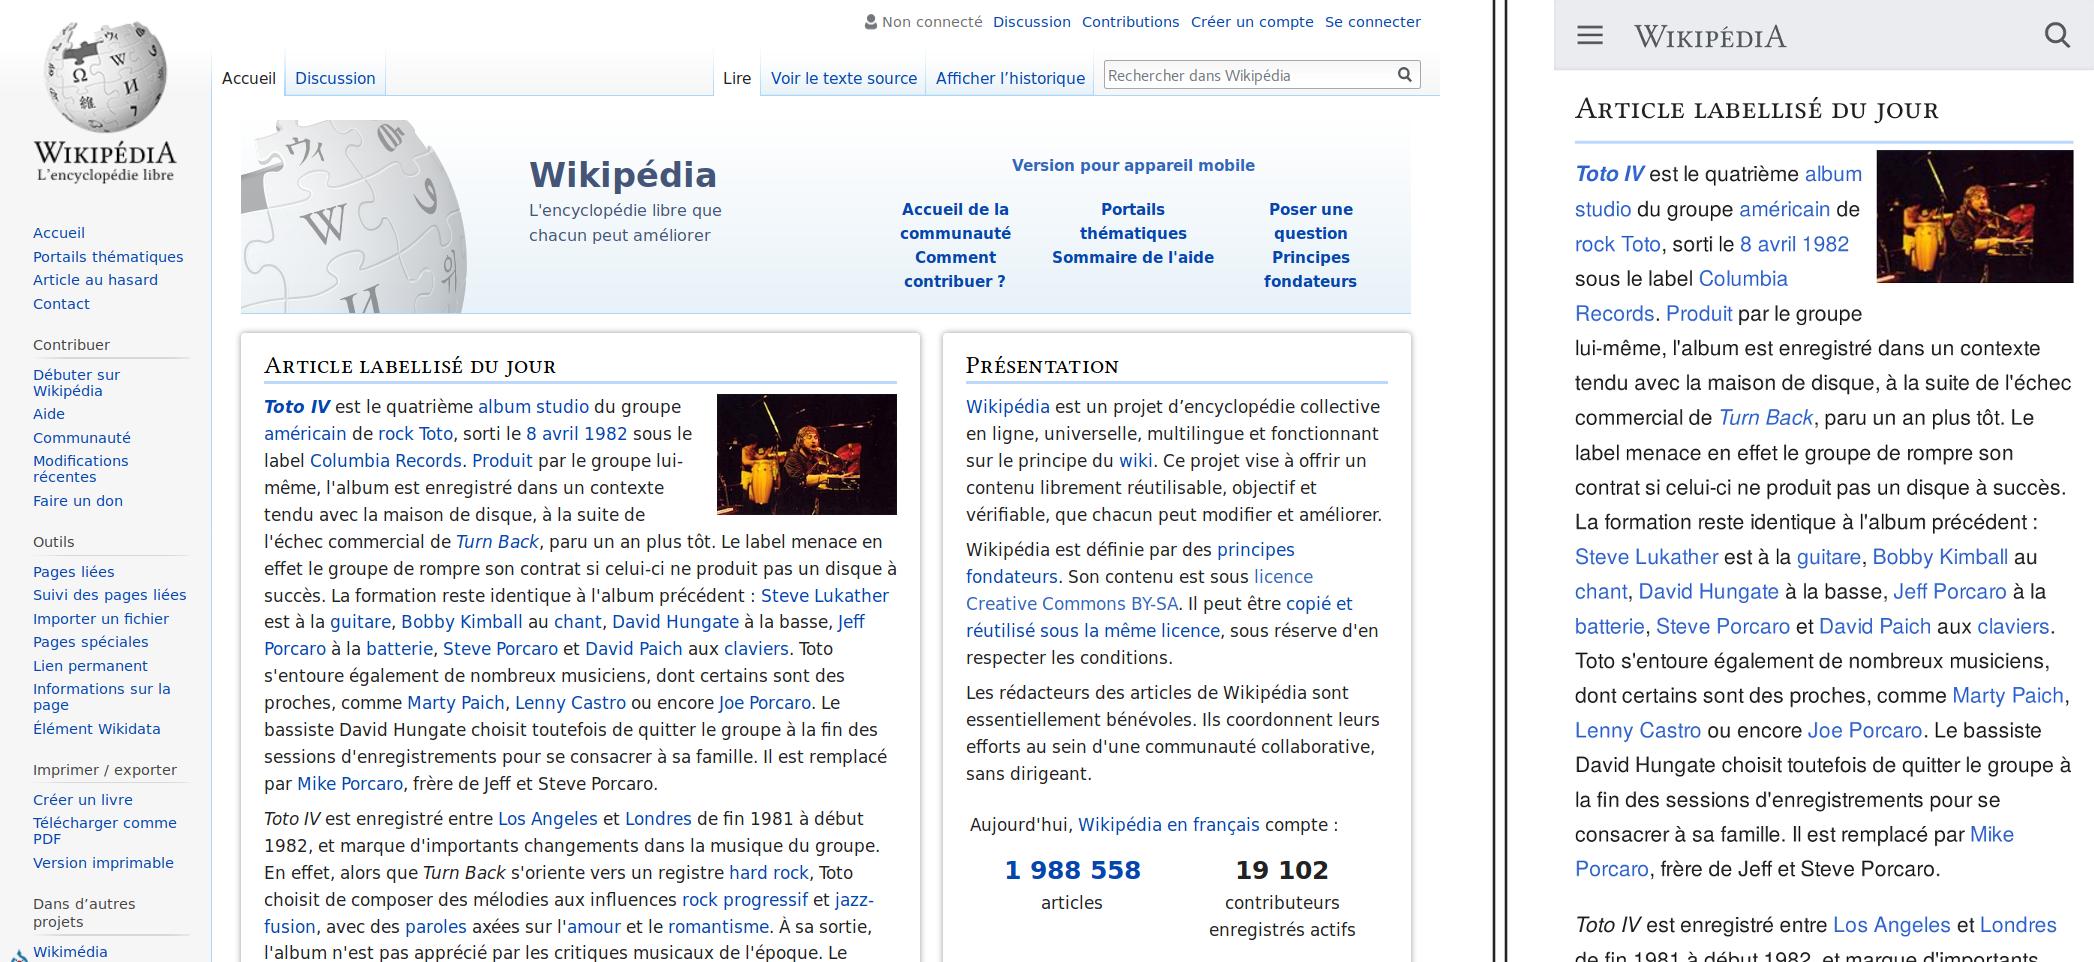 Différence entre l'affichage de Wikipédia sur un écran d'ordinateur et un téléphone portable